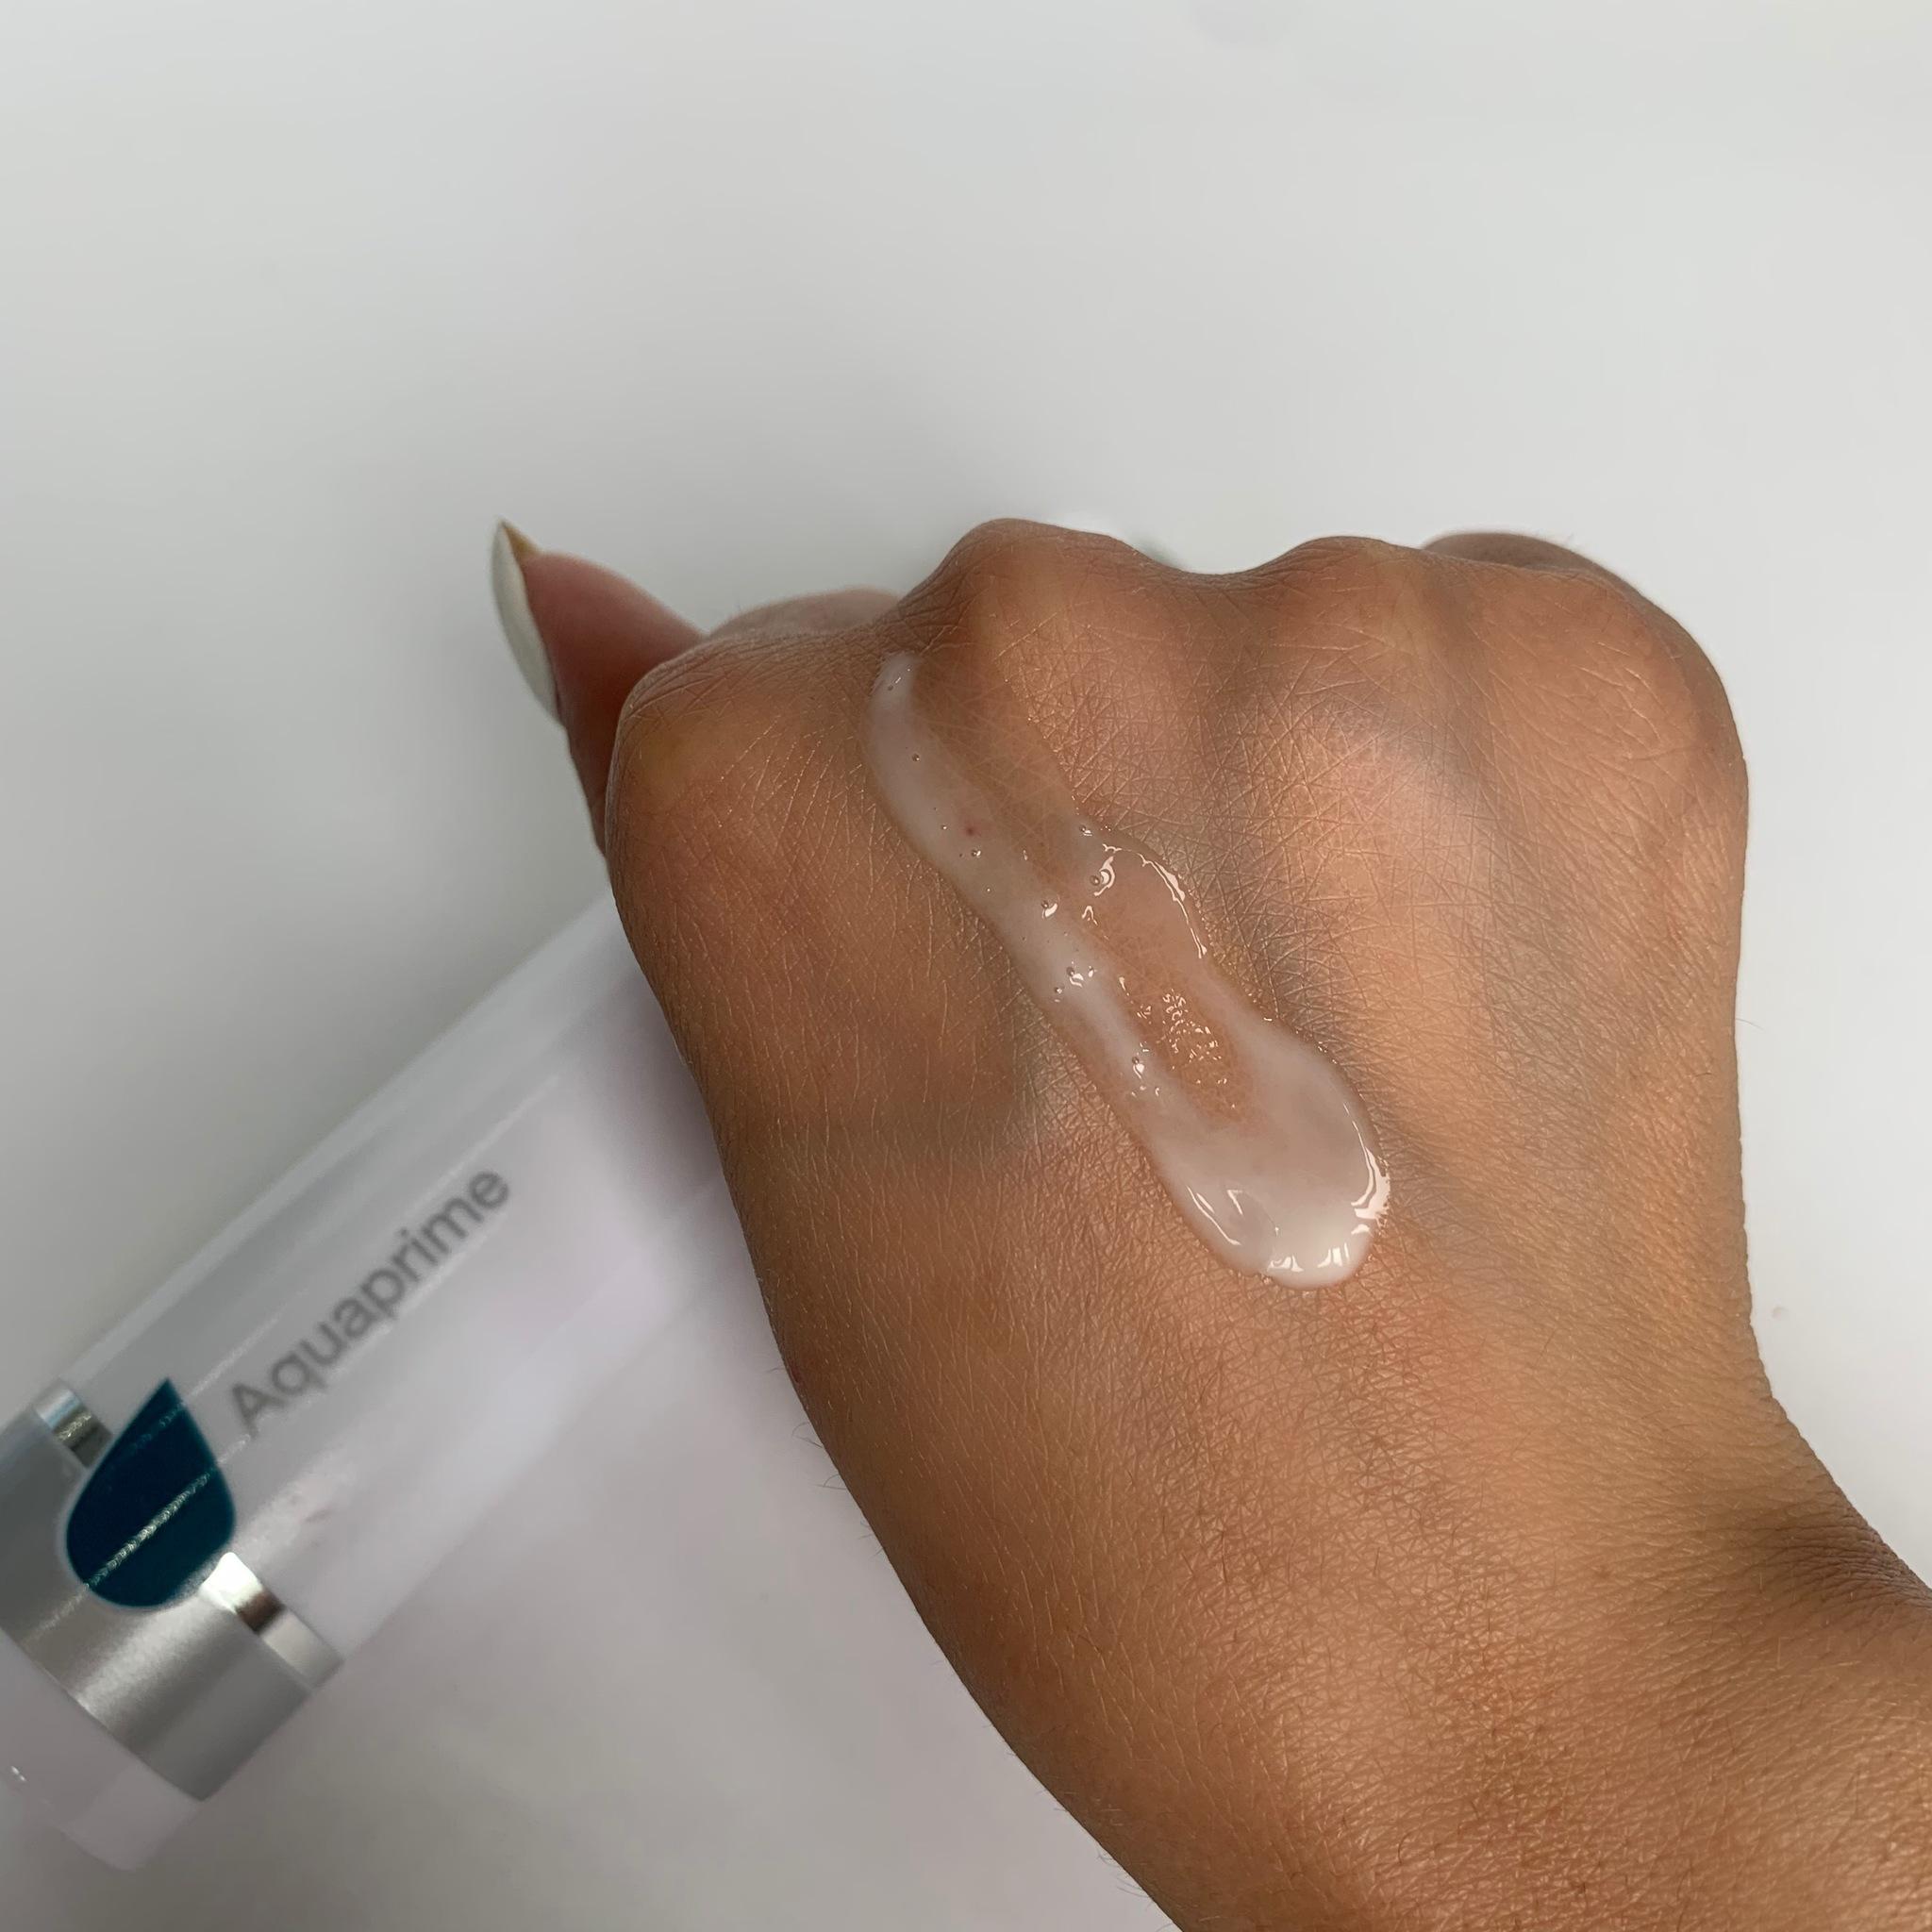 Крем-катализатор для лица RejudiCare Aquaprime 50 ml